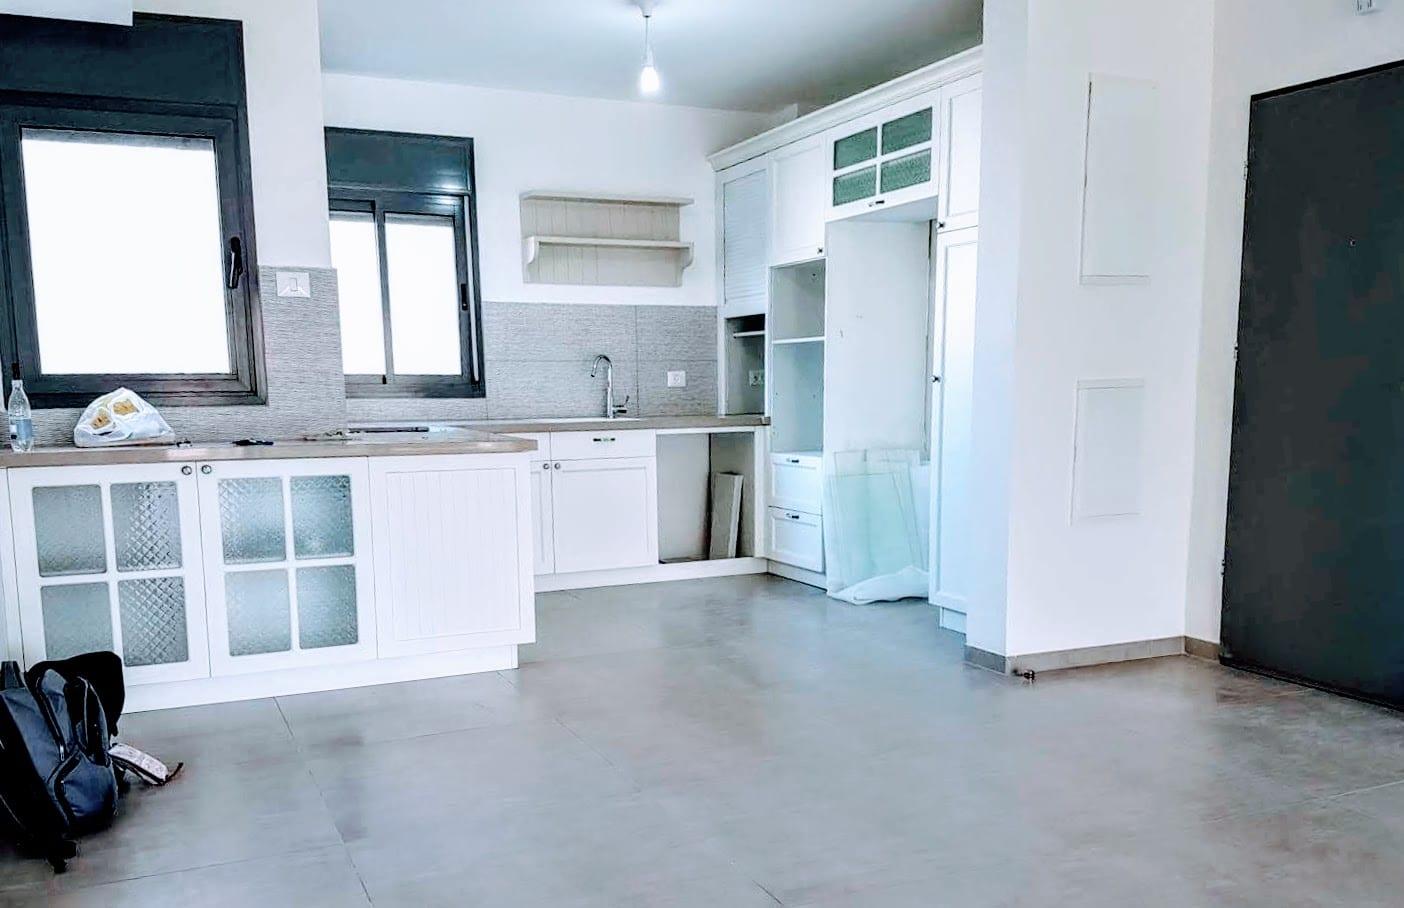 דירה חדשה למכירה בצורן